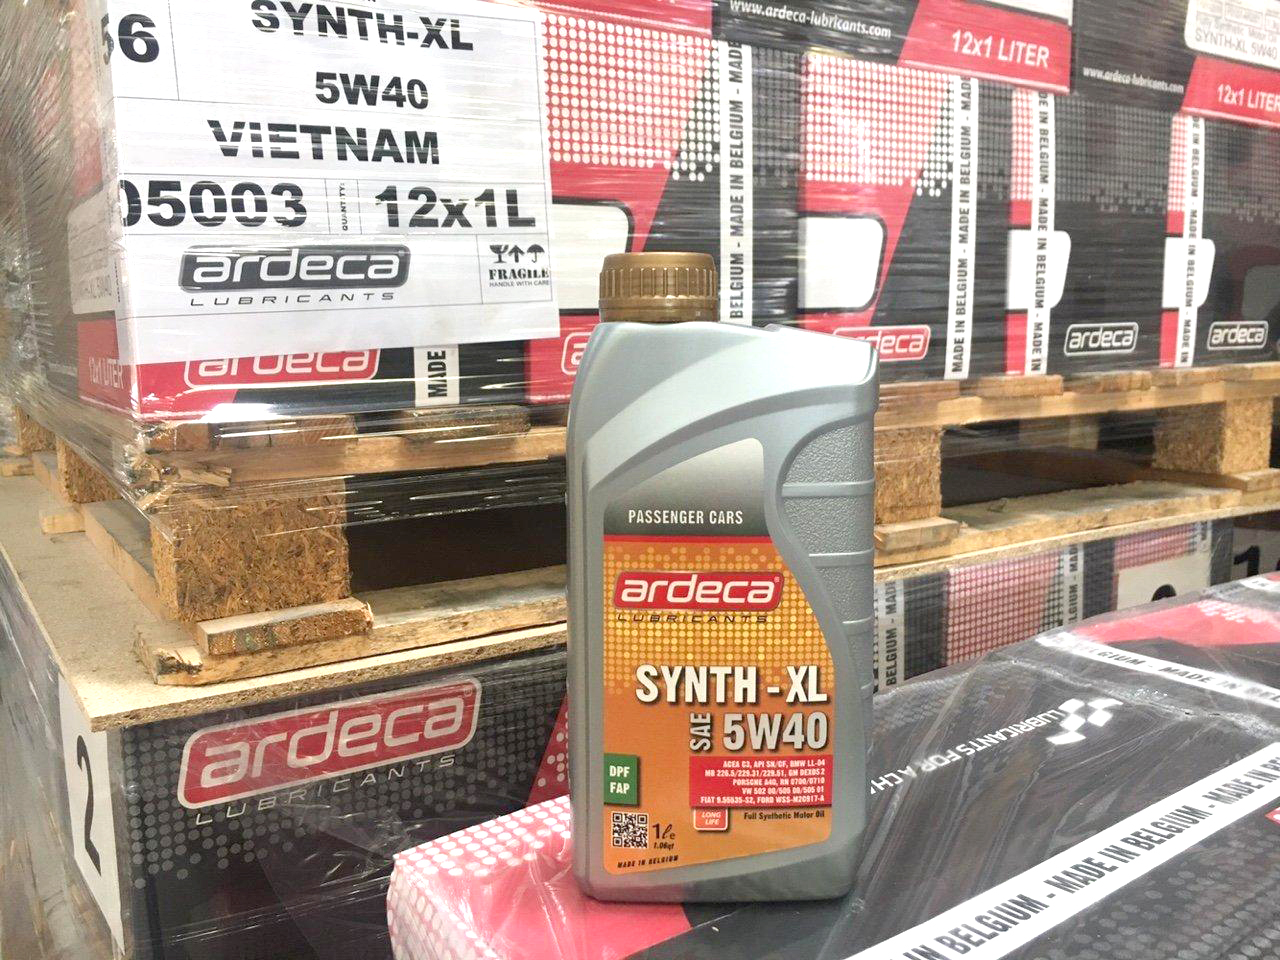 Combo 1 nón sơn cao cấp Ardeca + Nhớt dùng cho xe Hơi - xe Tay Ga Ardeca SYNTH-XL 5W40 (1l)